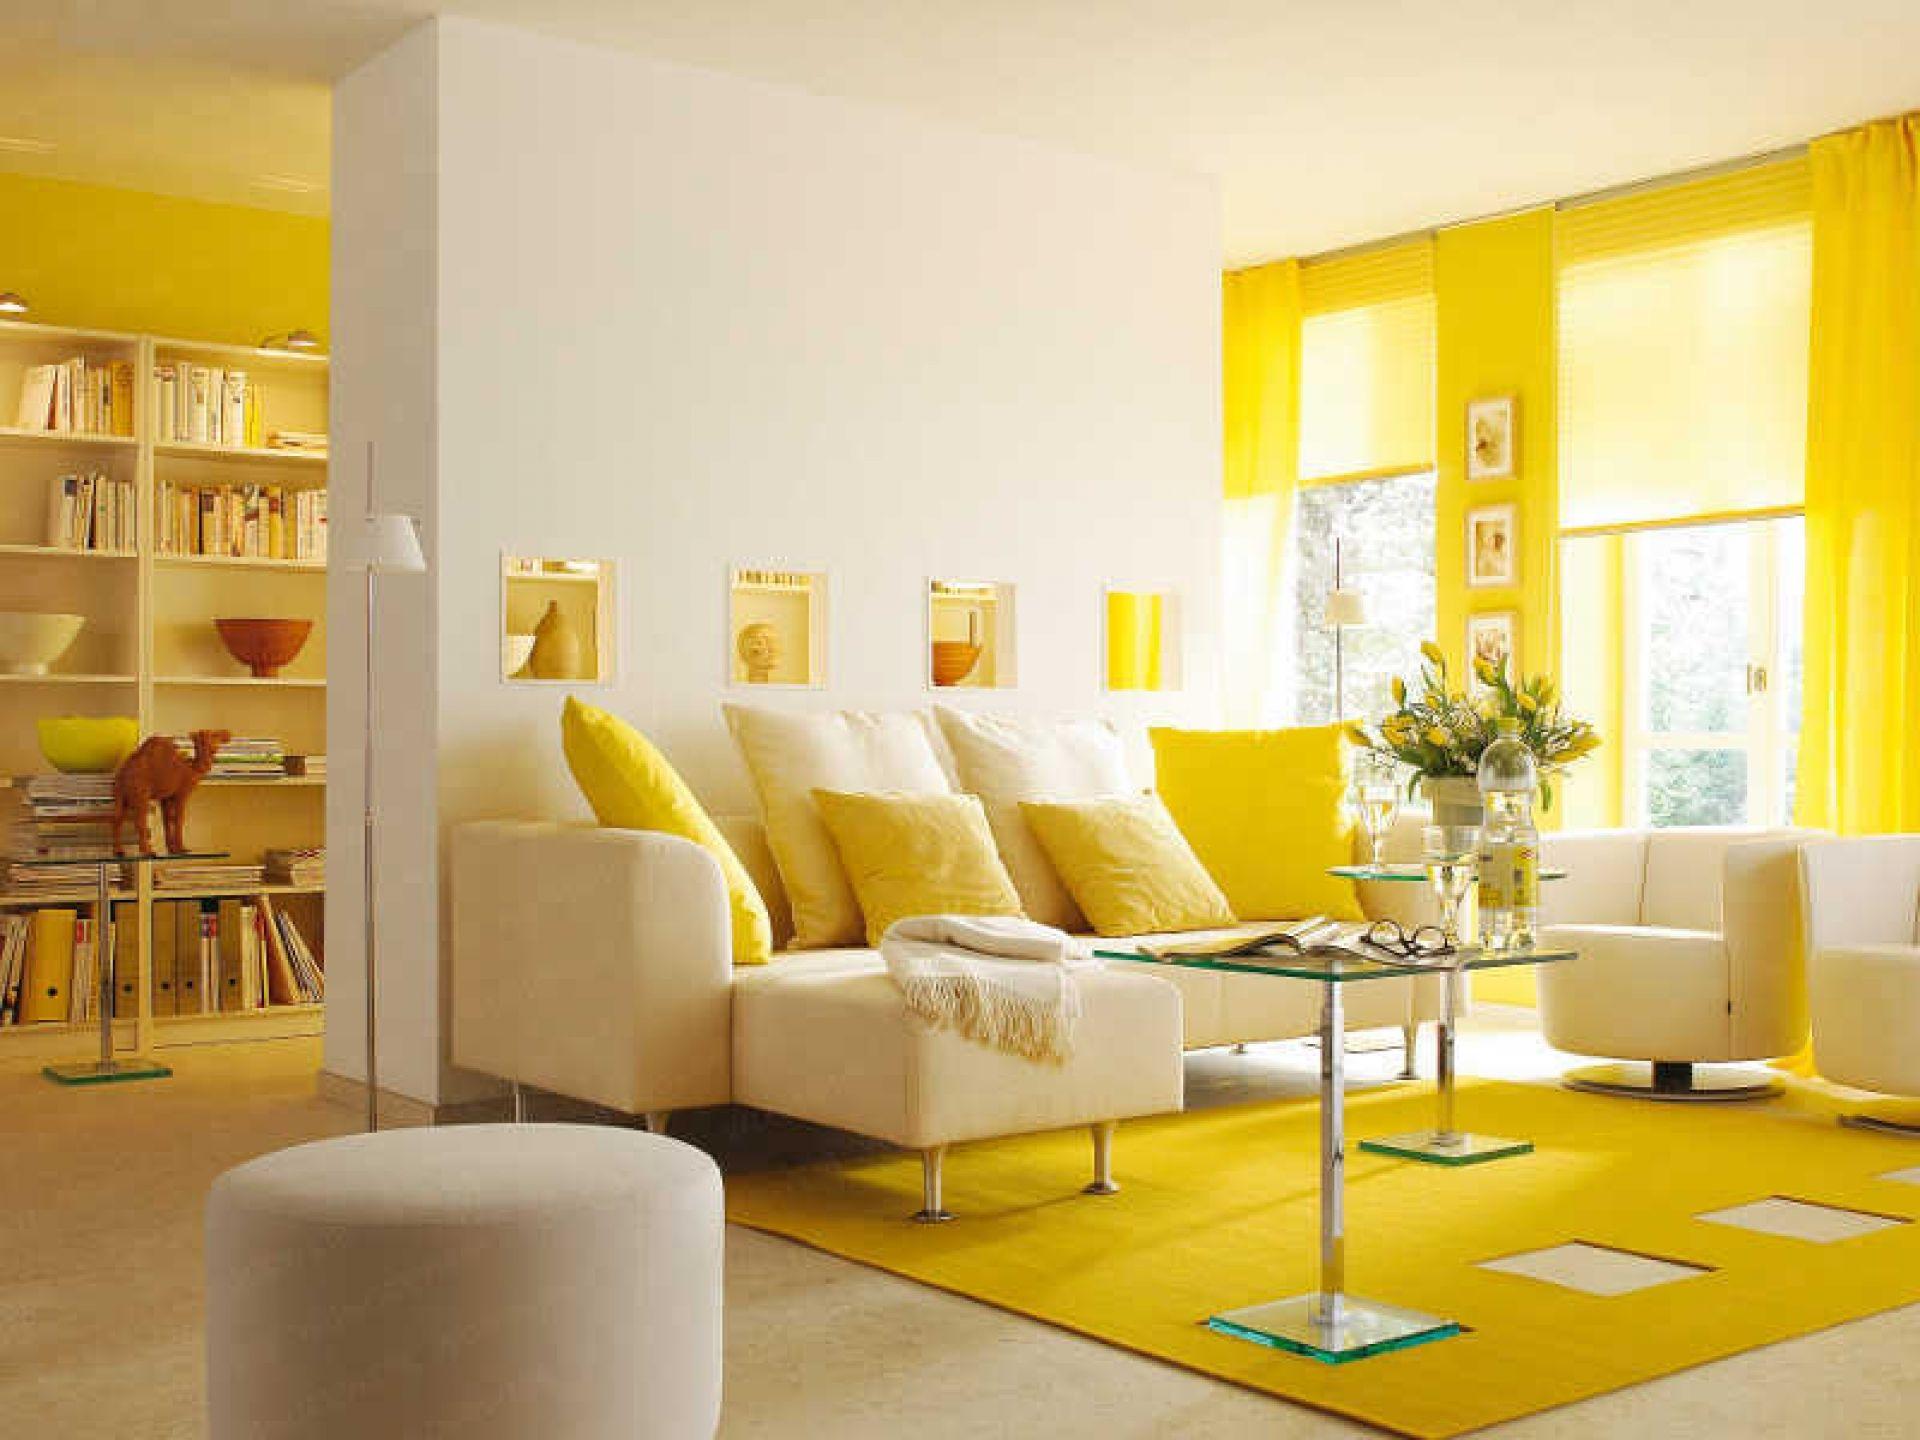 Especial Copa – 5 salas decoradas em tons de amarelo